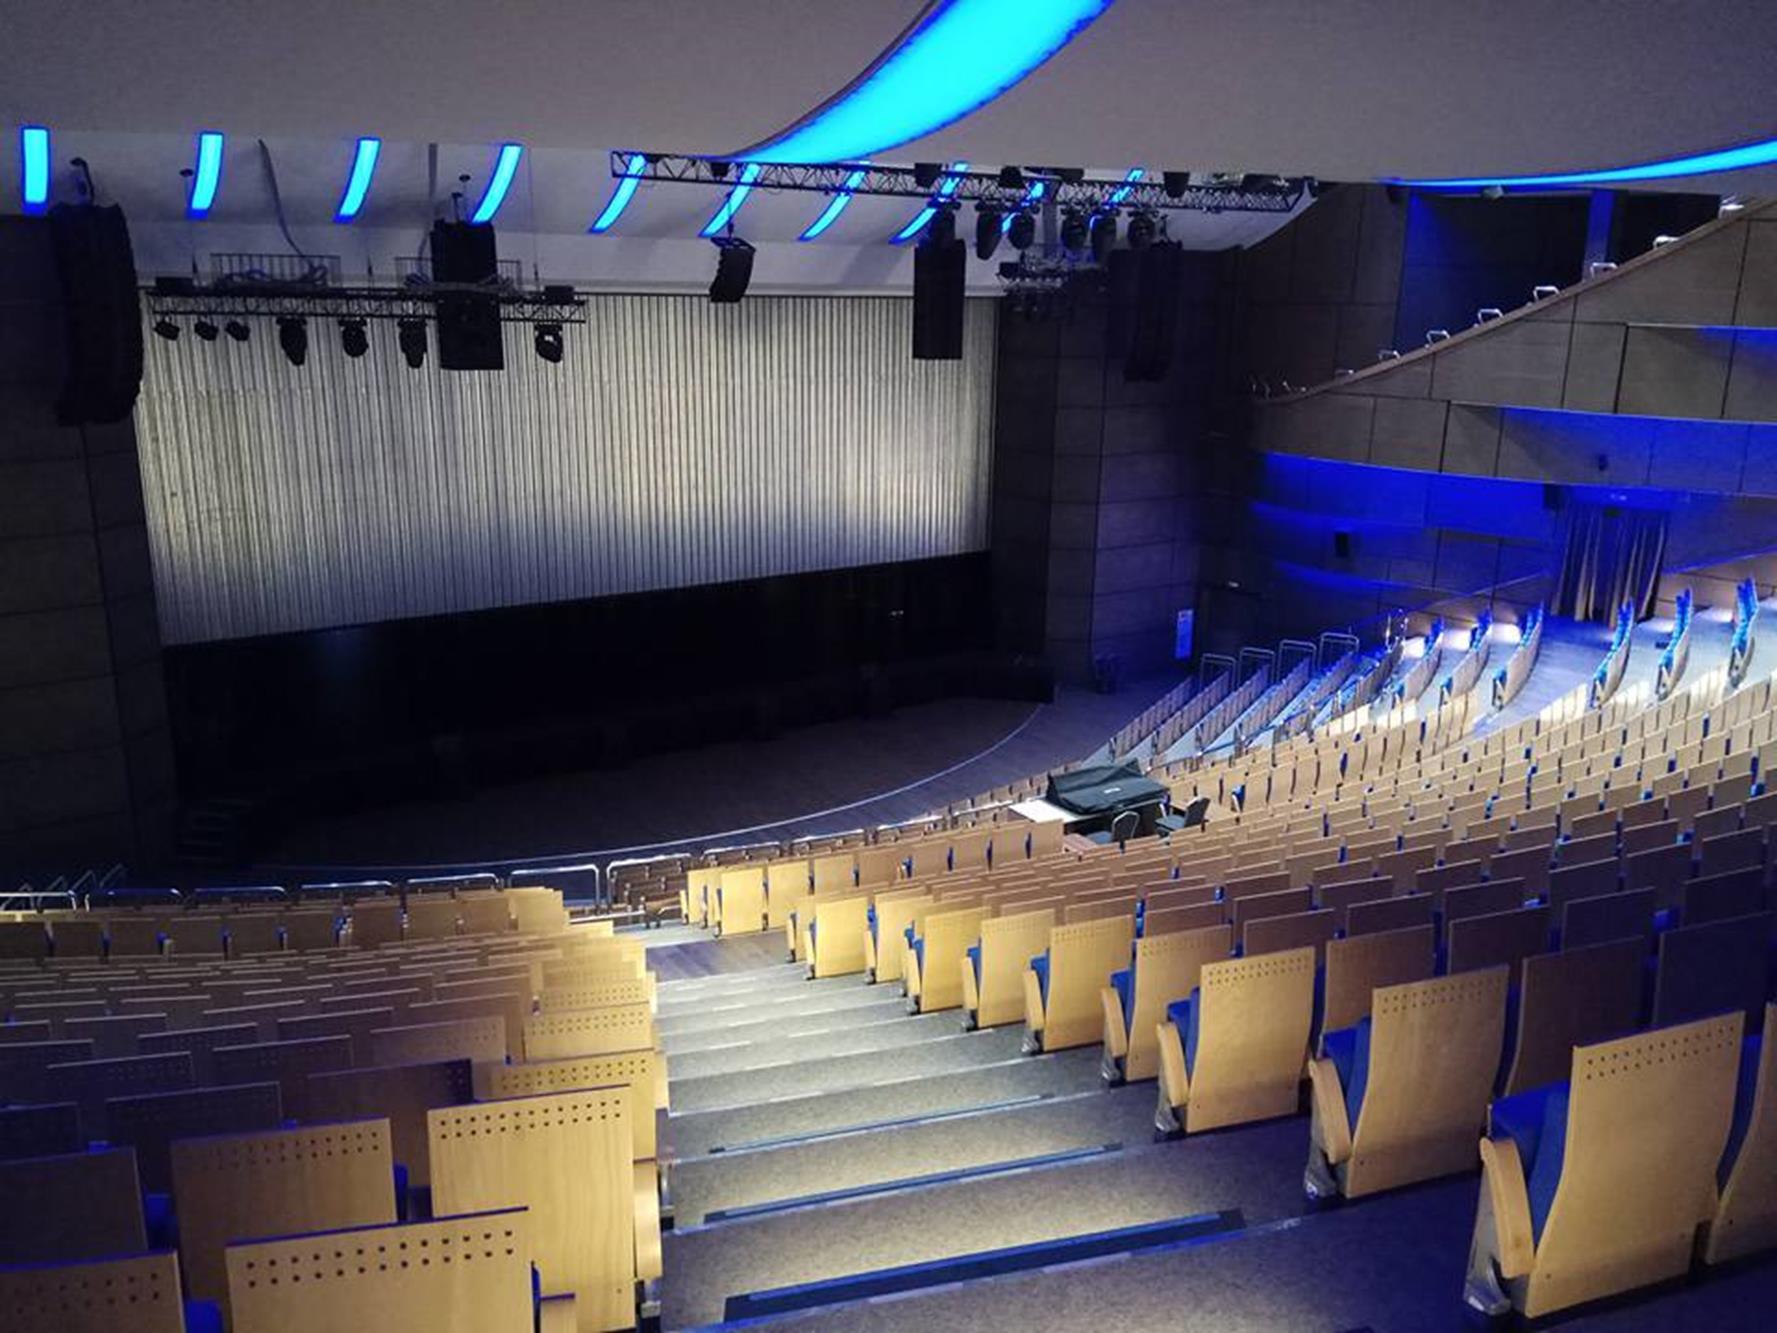 Tekno Akustik Ses Yalıtım Malzemeleri Tiyatro Salonu Ses Yalıtımı